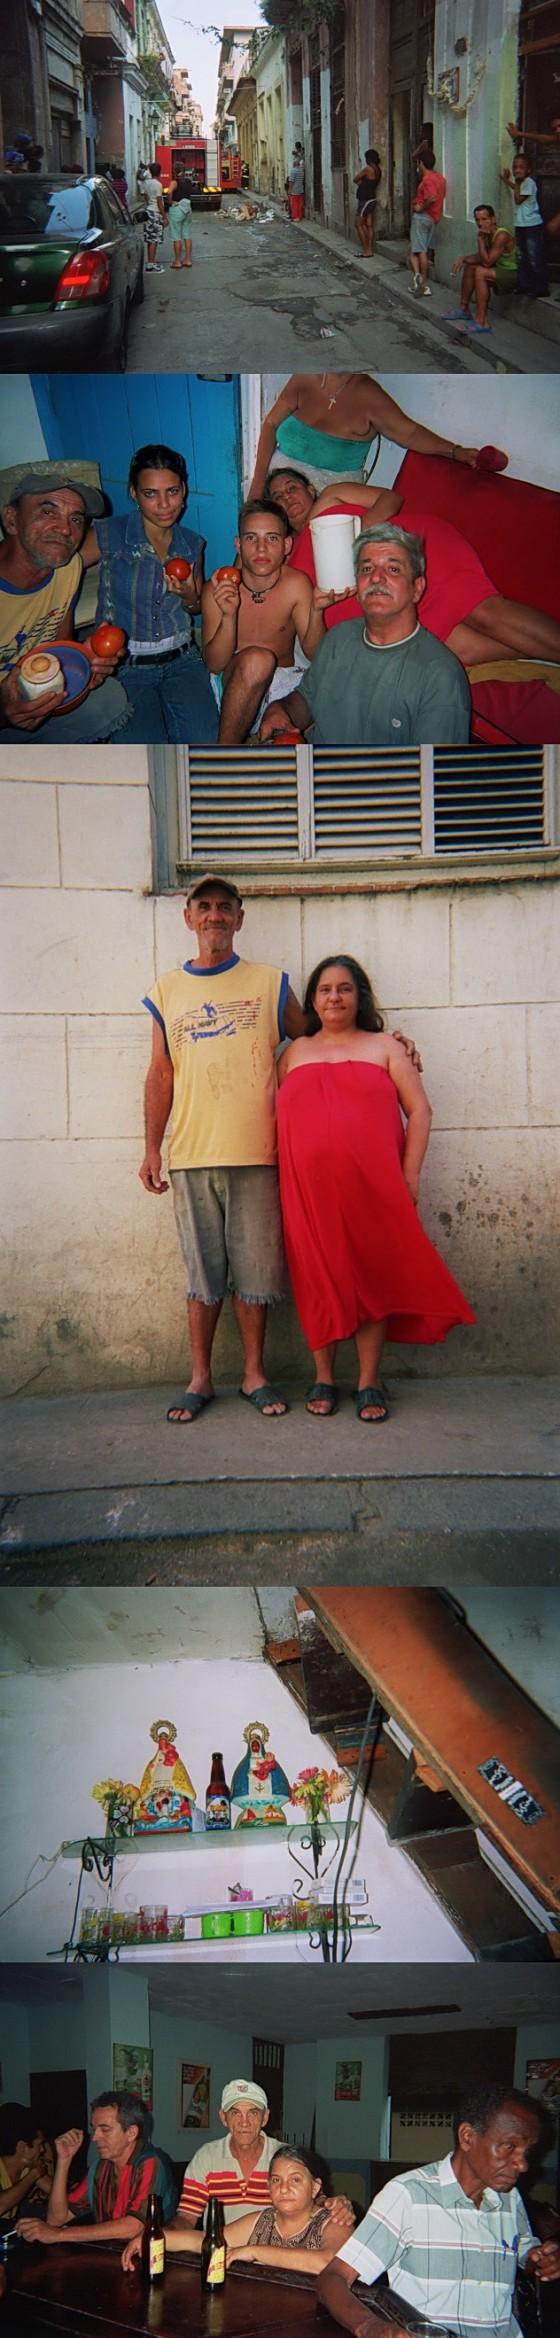 Cuba by a throwaway camera